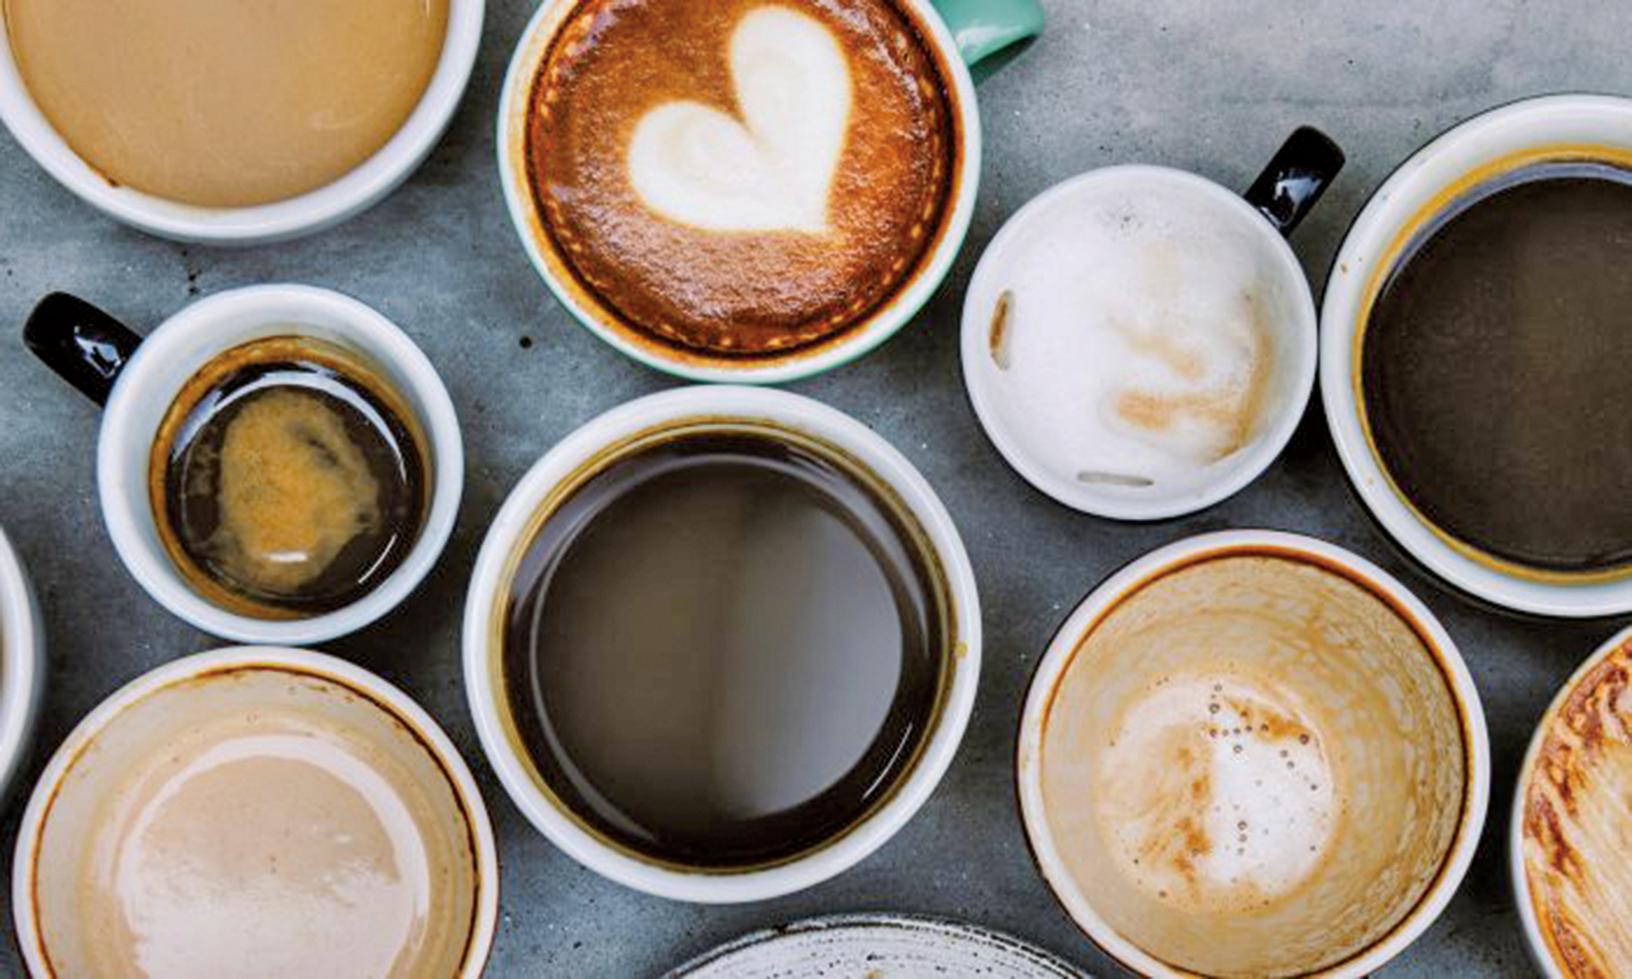 咖啡廣受人們喜愛,在Stefano Ponte所著的《拿鐵革命》一書中提到,全世界每天要喝掉22.5億杯咖啡。(Rawpixel.com/Shutterstock)